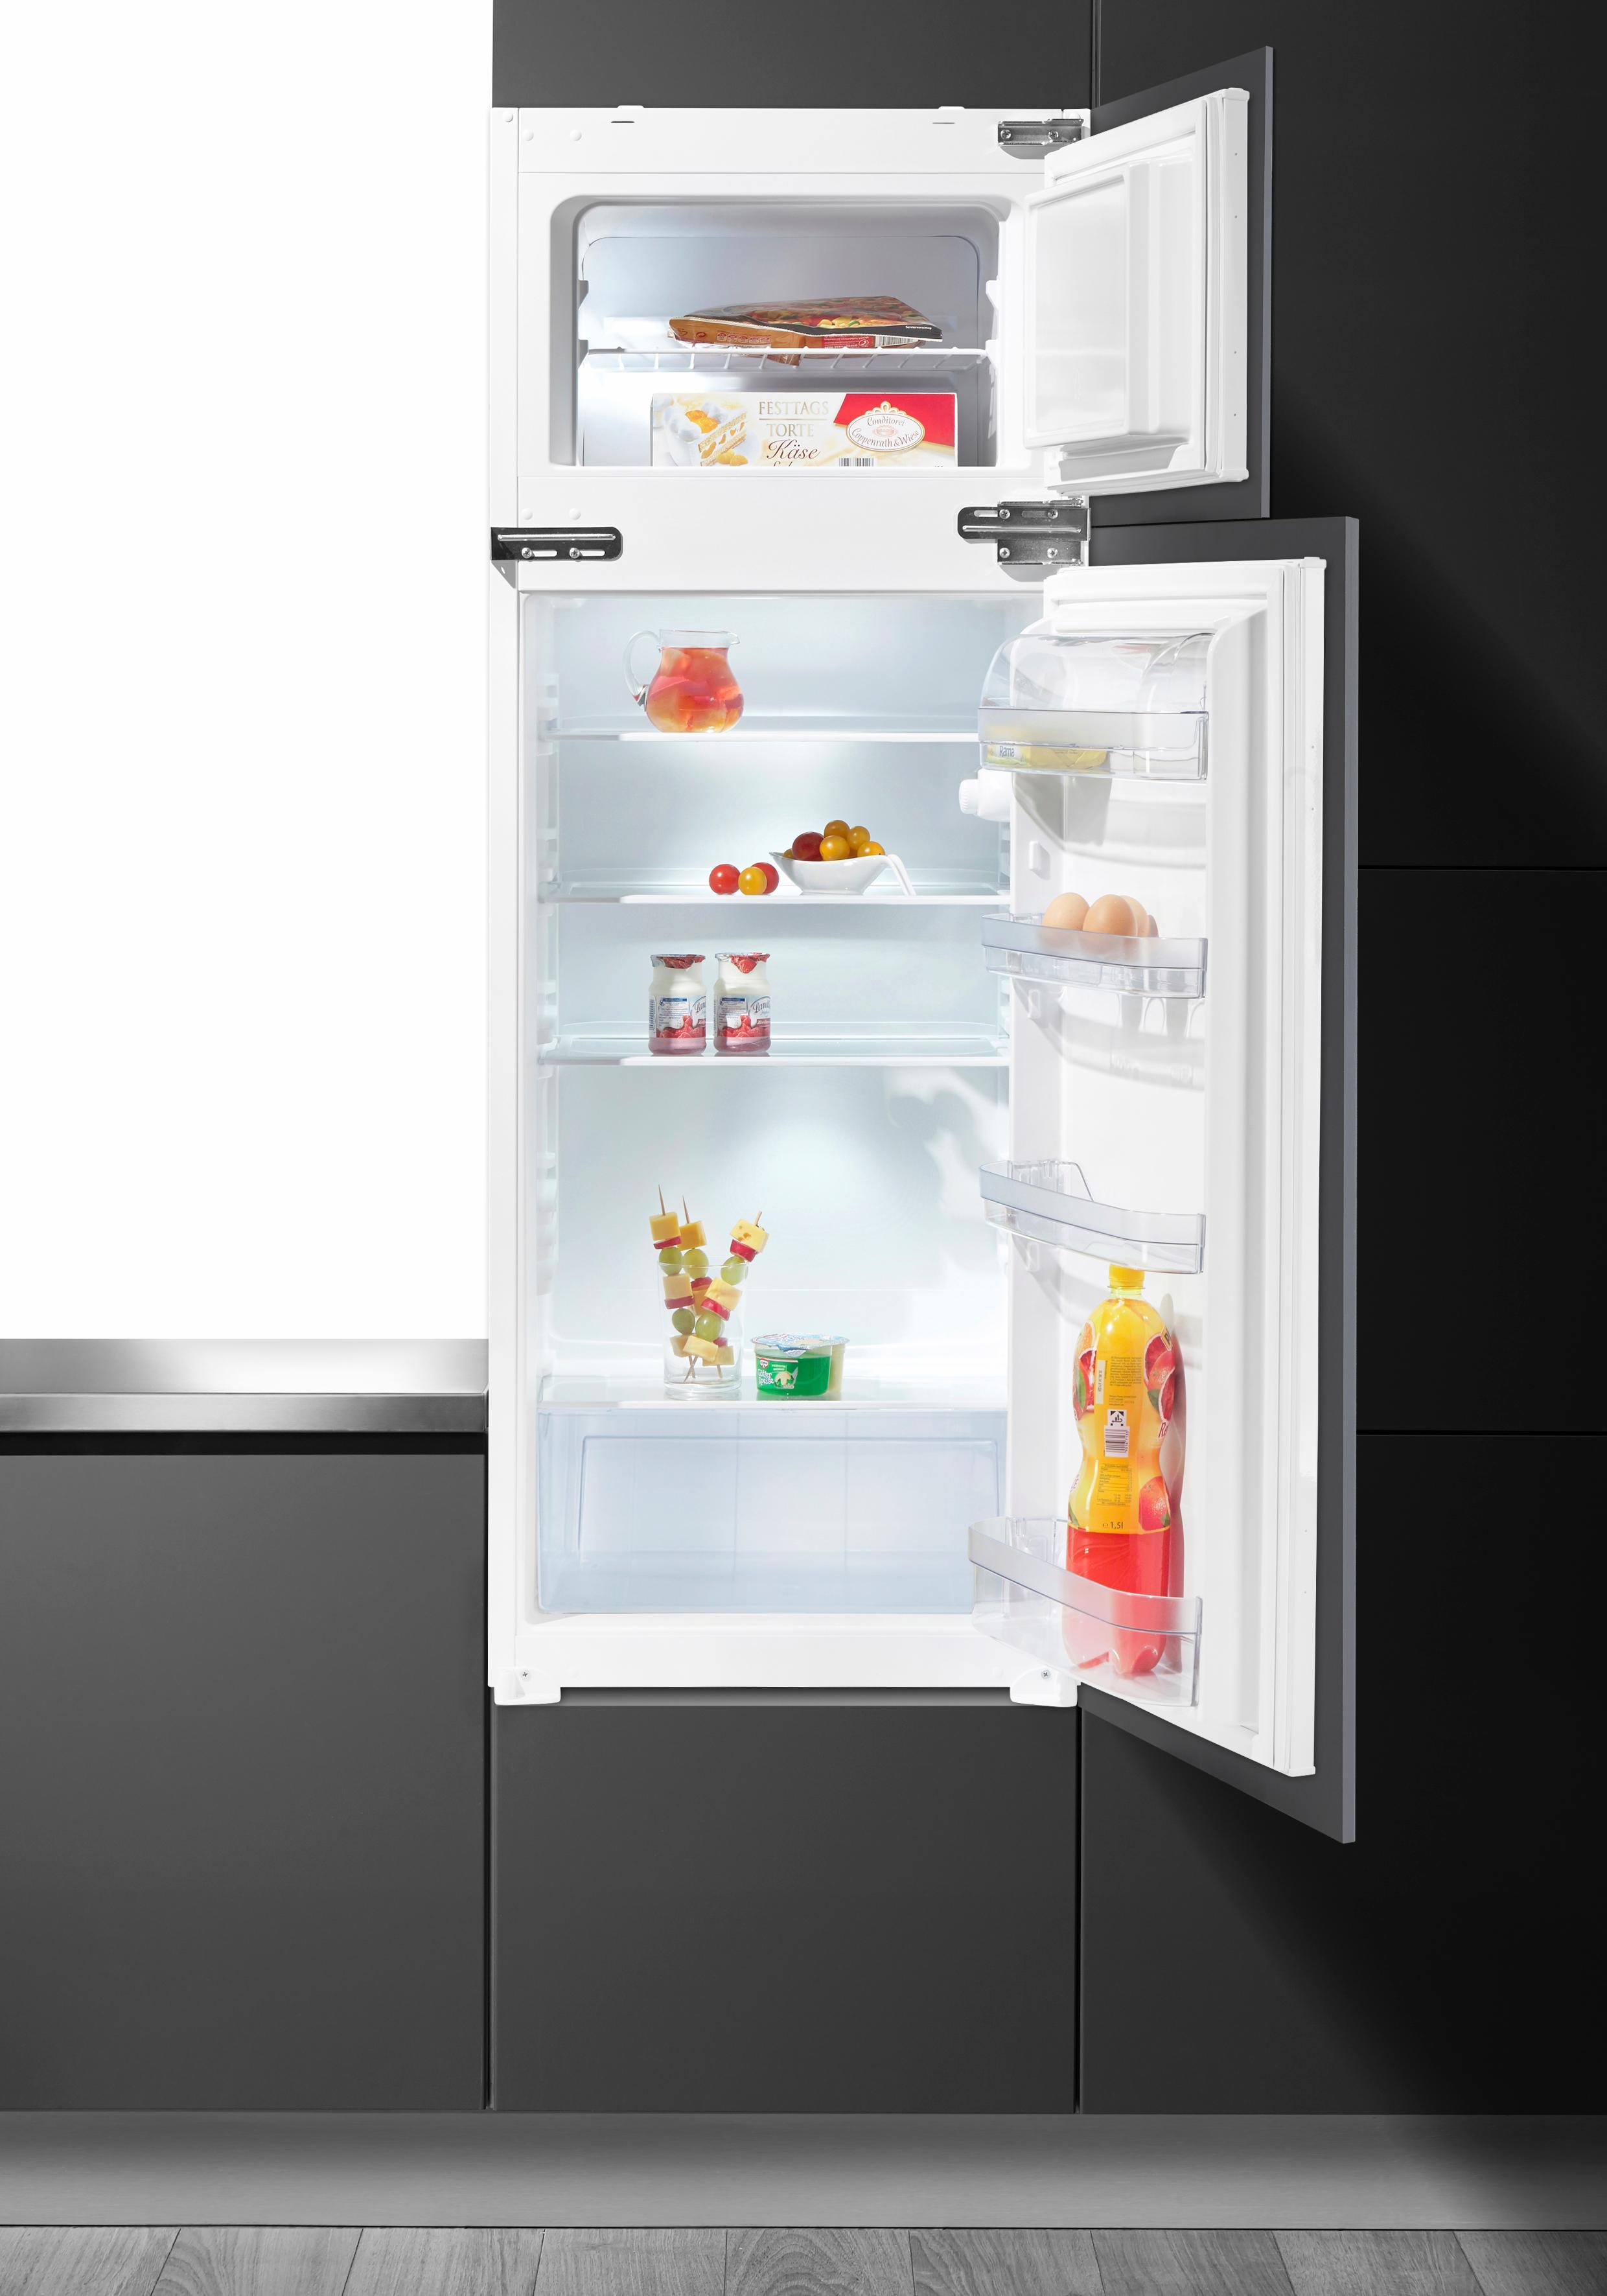 Vestfrost Einbaukühlschrank, 144,5 cm hoch, 54,5 cm breit